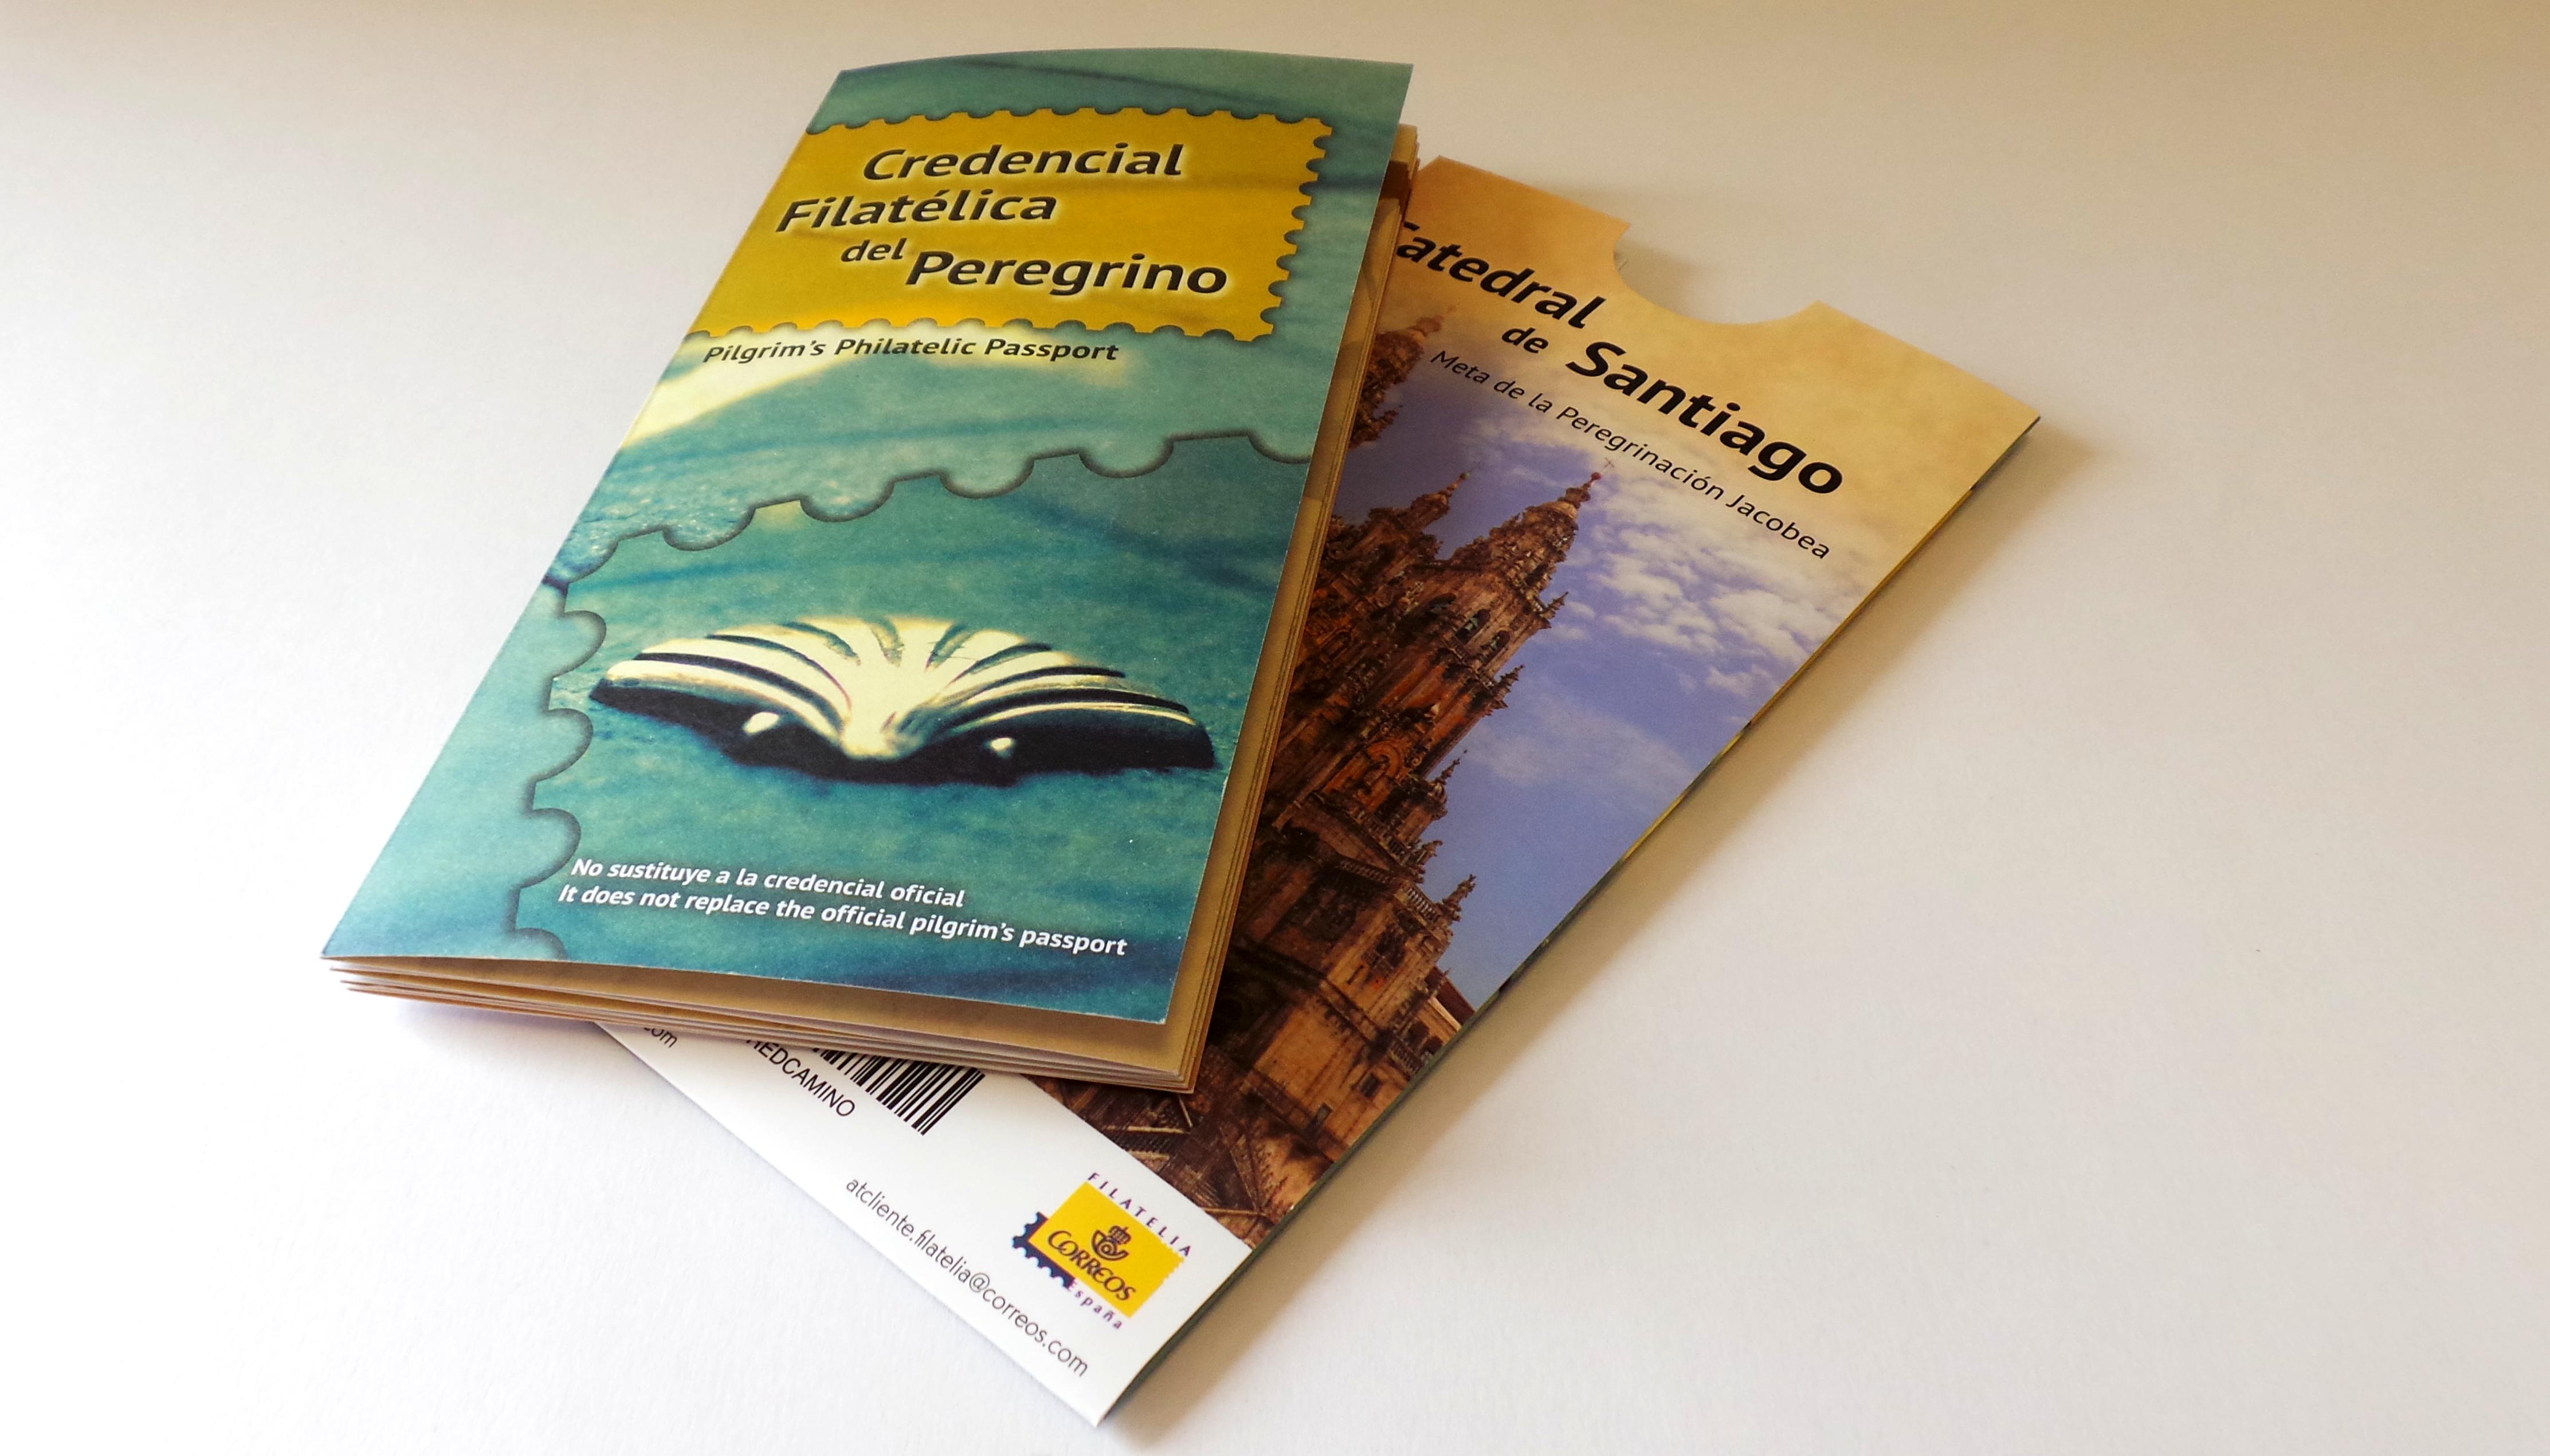 Estuche y credencial filatélica de Correos para el Camino de Santiago